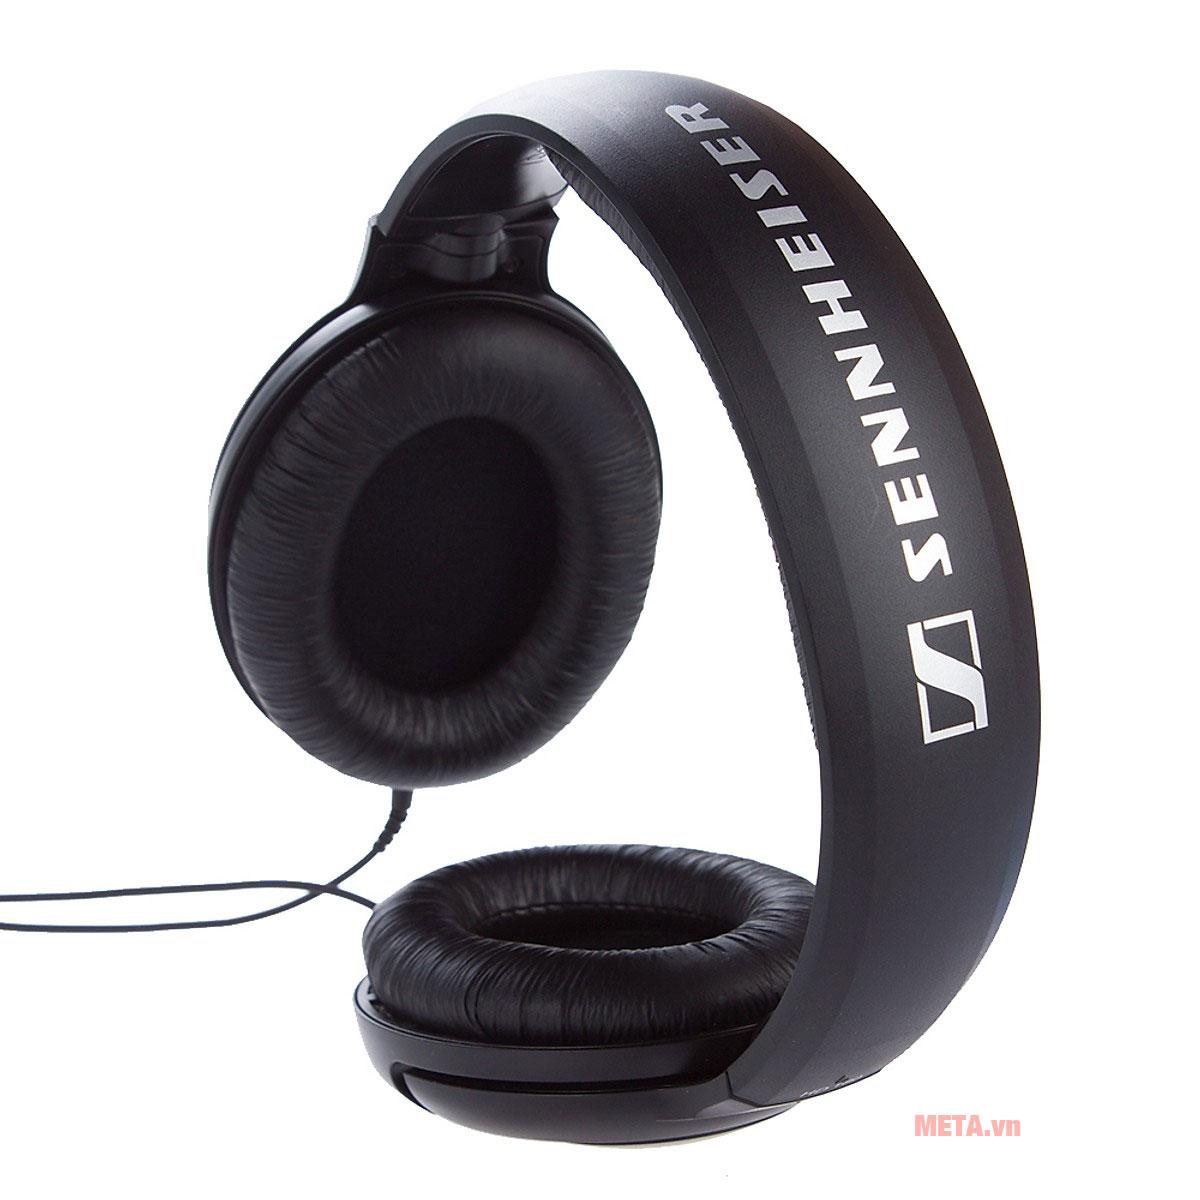 Tai nghe Sennheiser HD 180 thiết kế chụp tai tiện ích